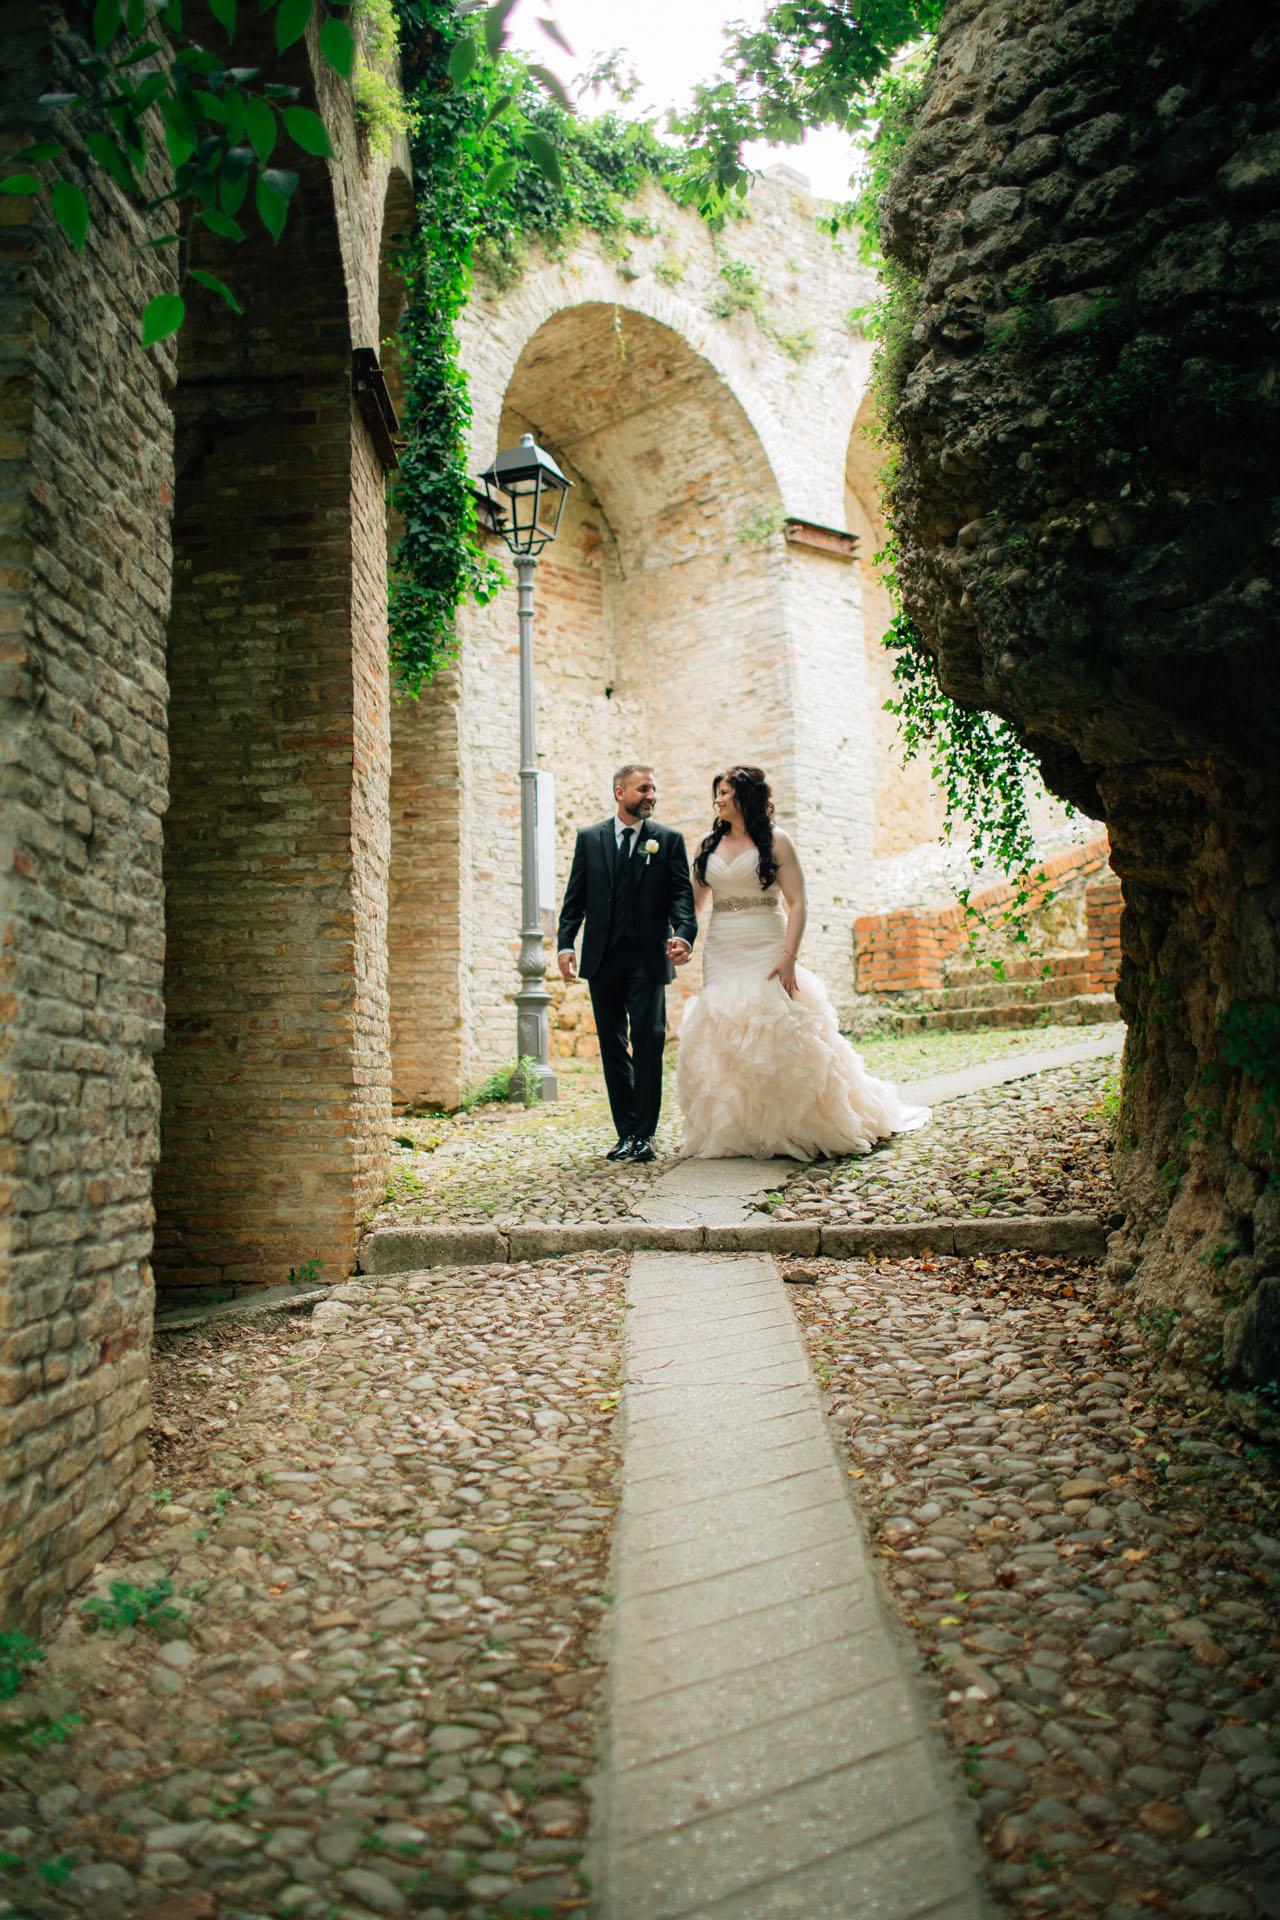 Jessica-Jason-Weddingdestination-Storytelling-Renato-Zanette-Fotografo-Convento-San-Francesco-Conegliano-Treviso-Veneto-Castello-di-Conegliano